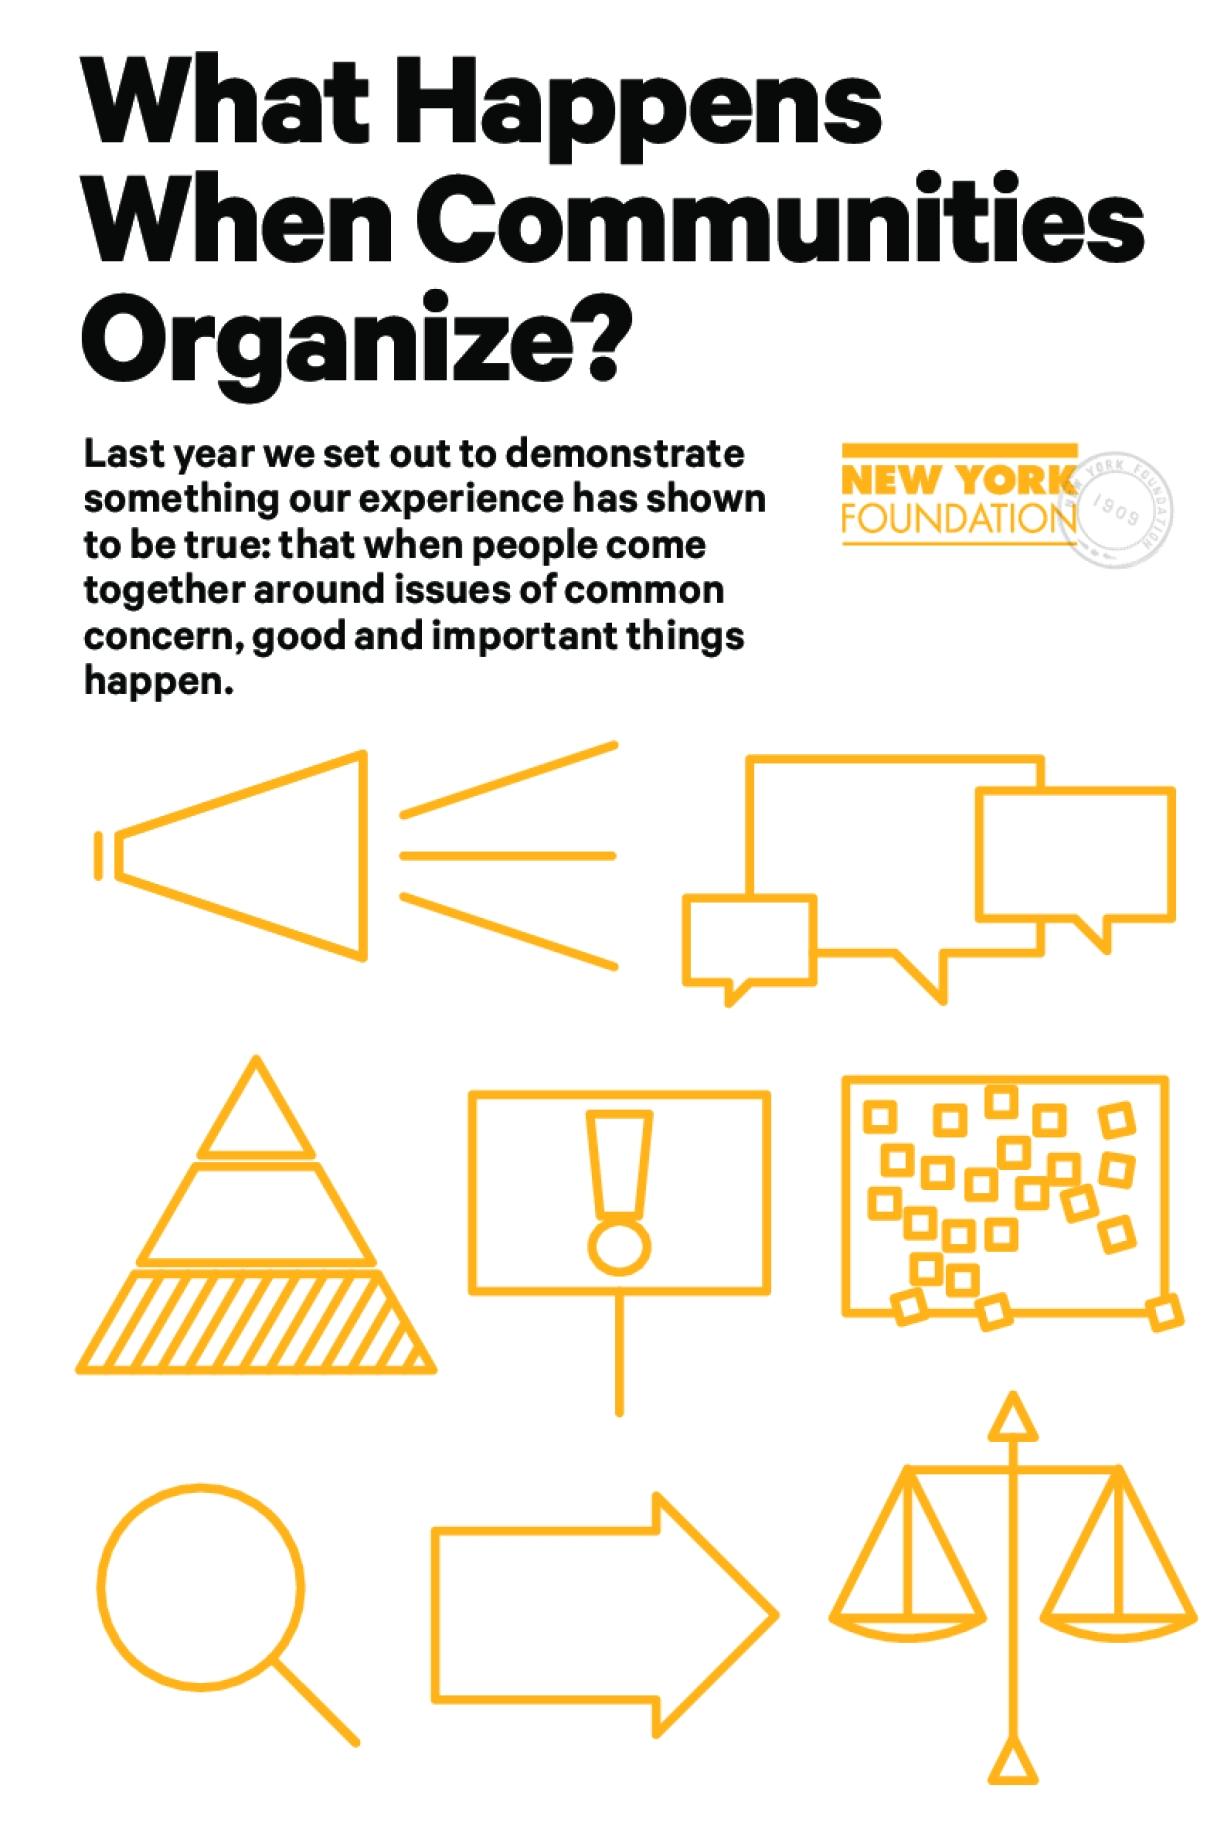 What Happens When Communities Organize? Short Version